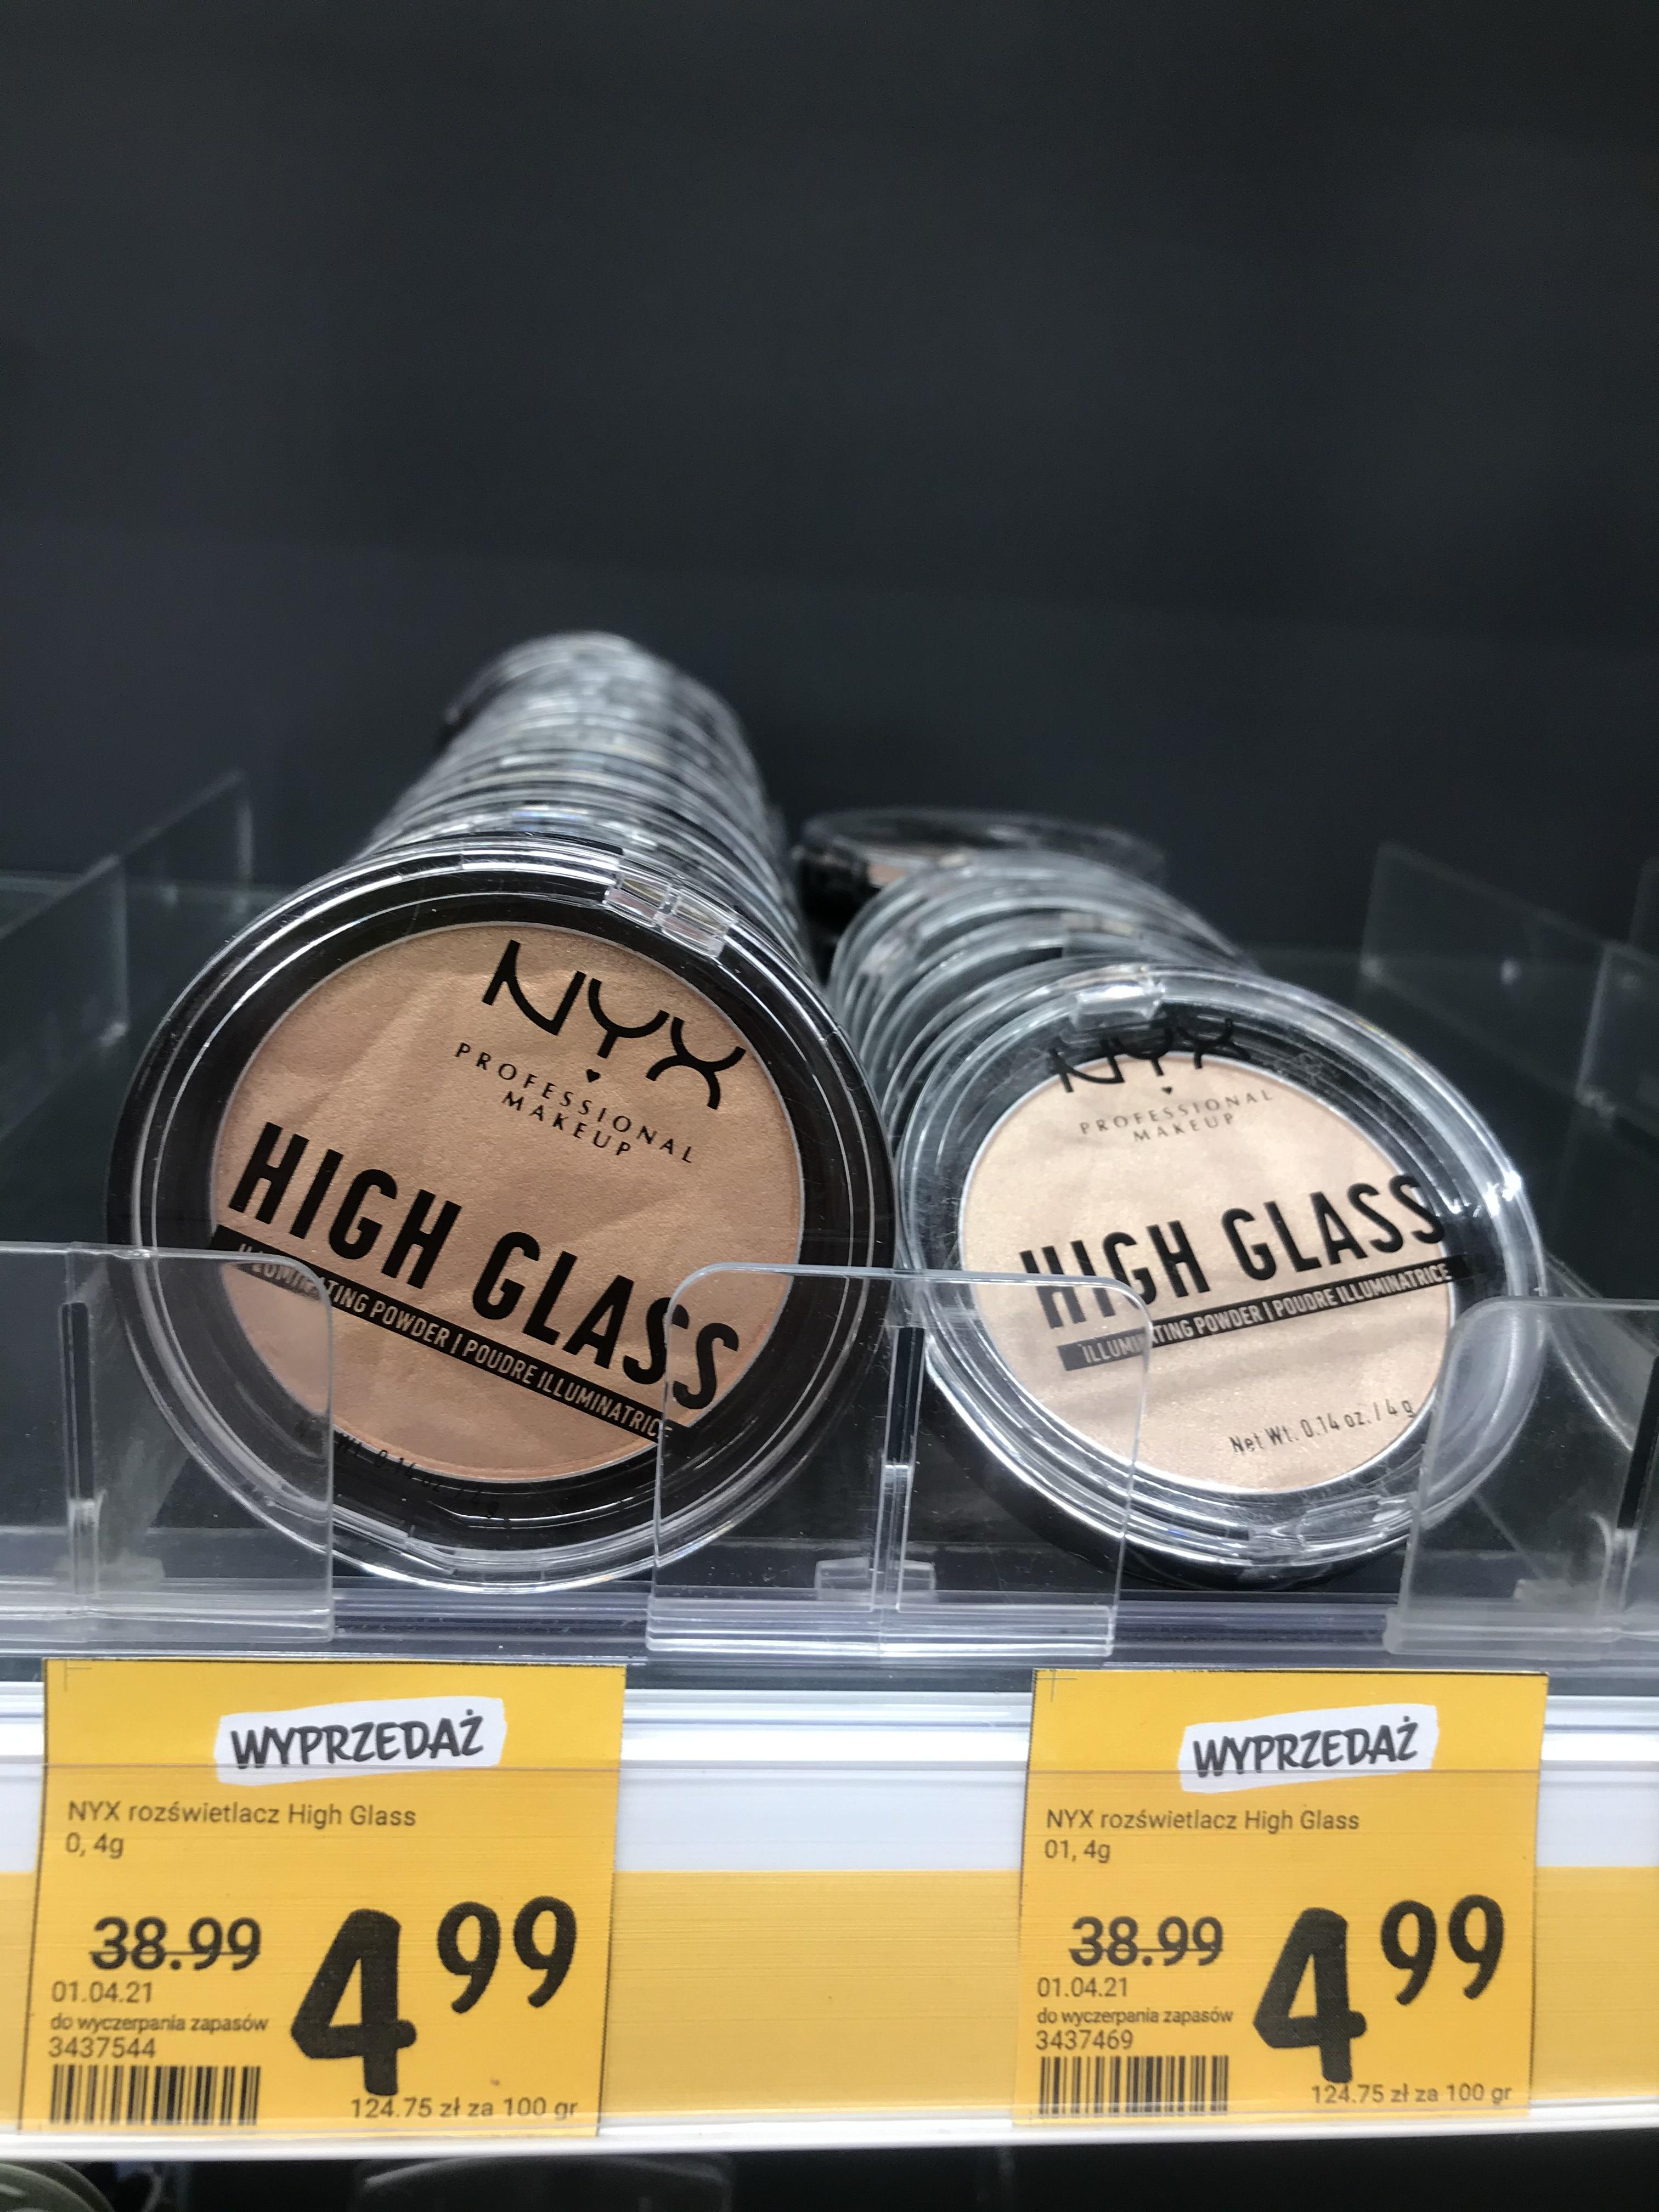 Nyx rozświetlacz High Glass